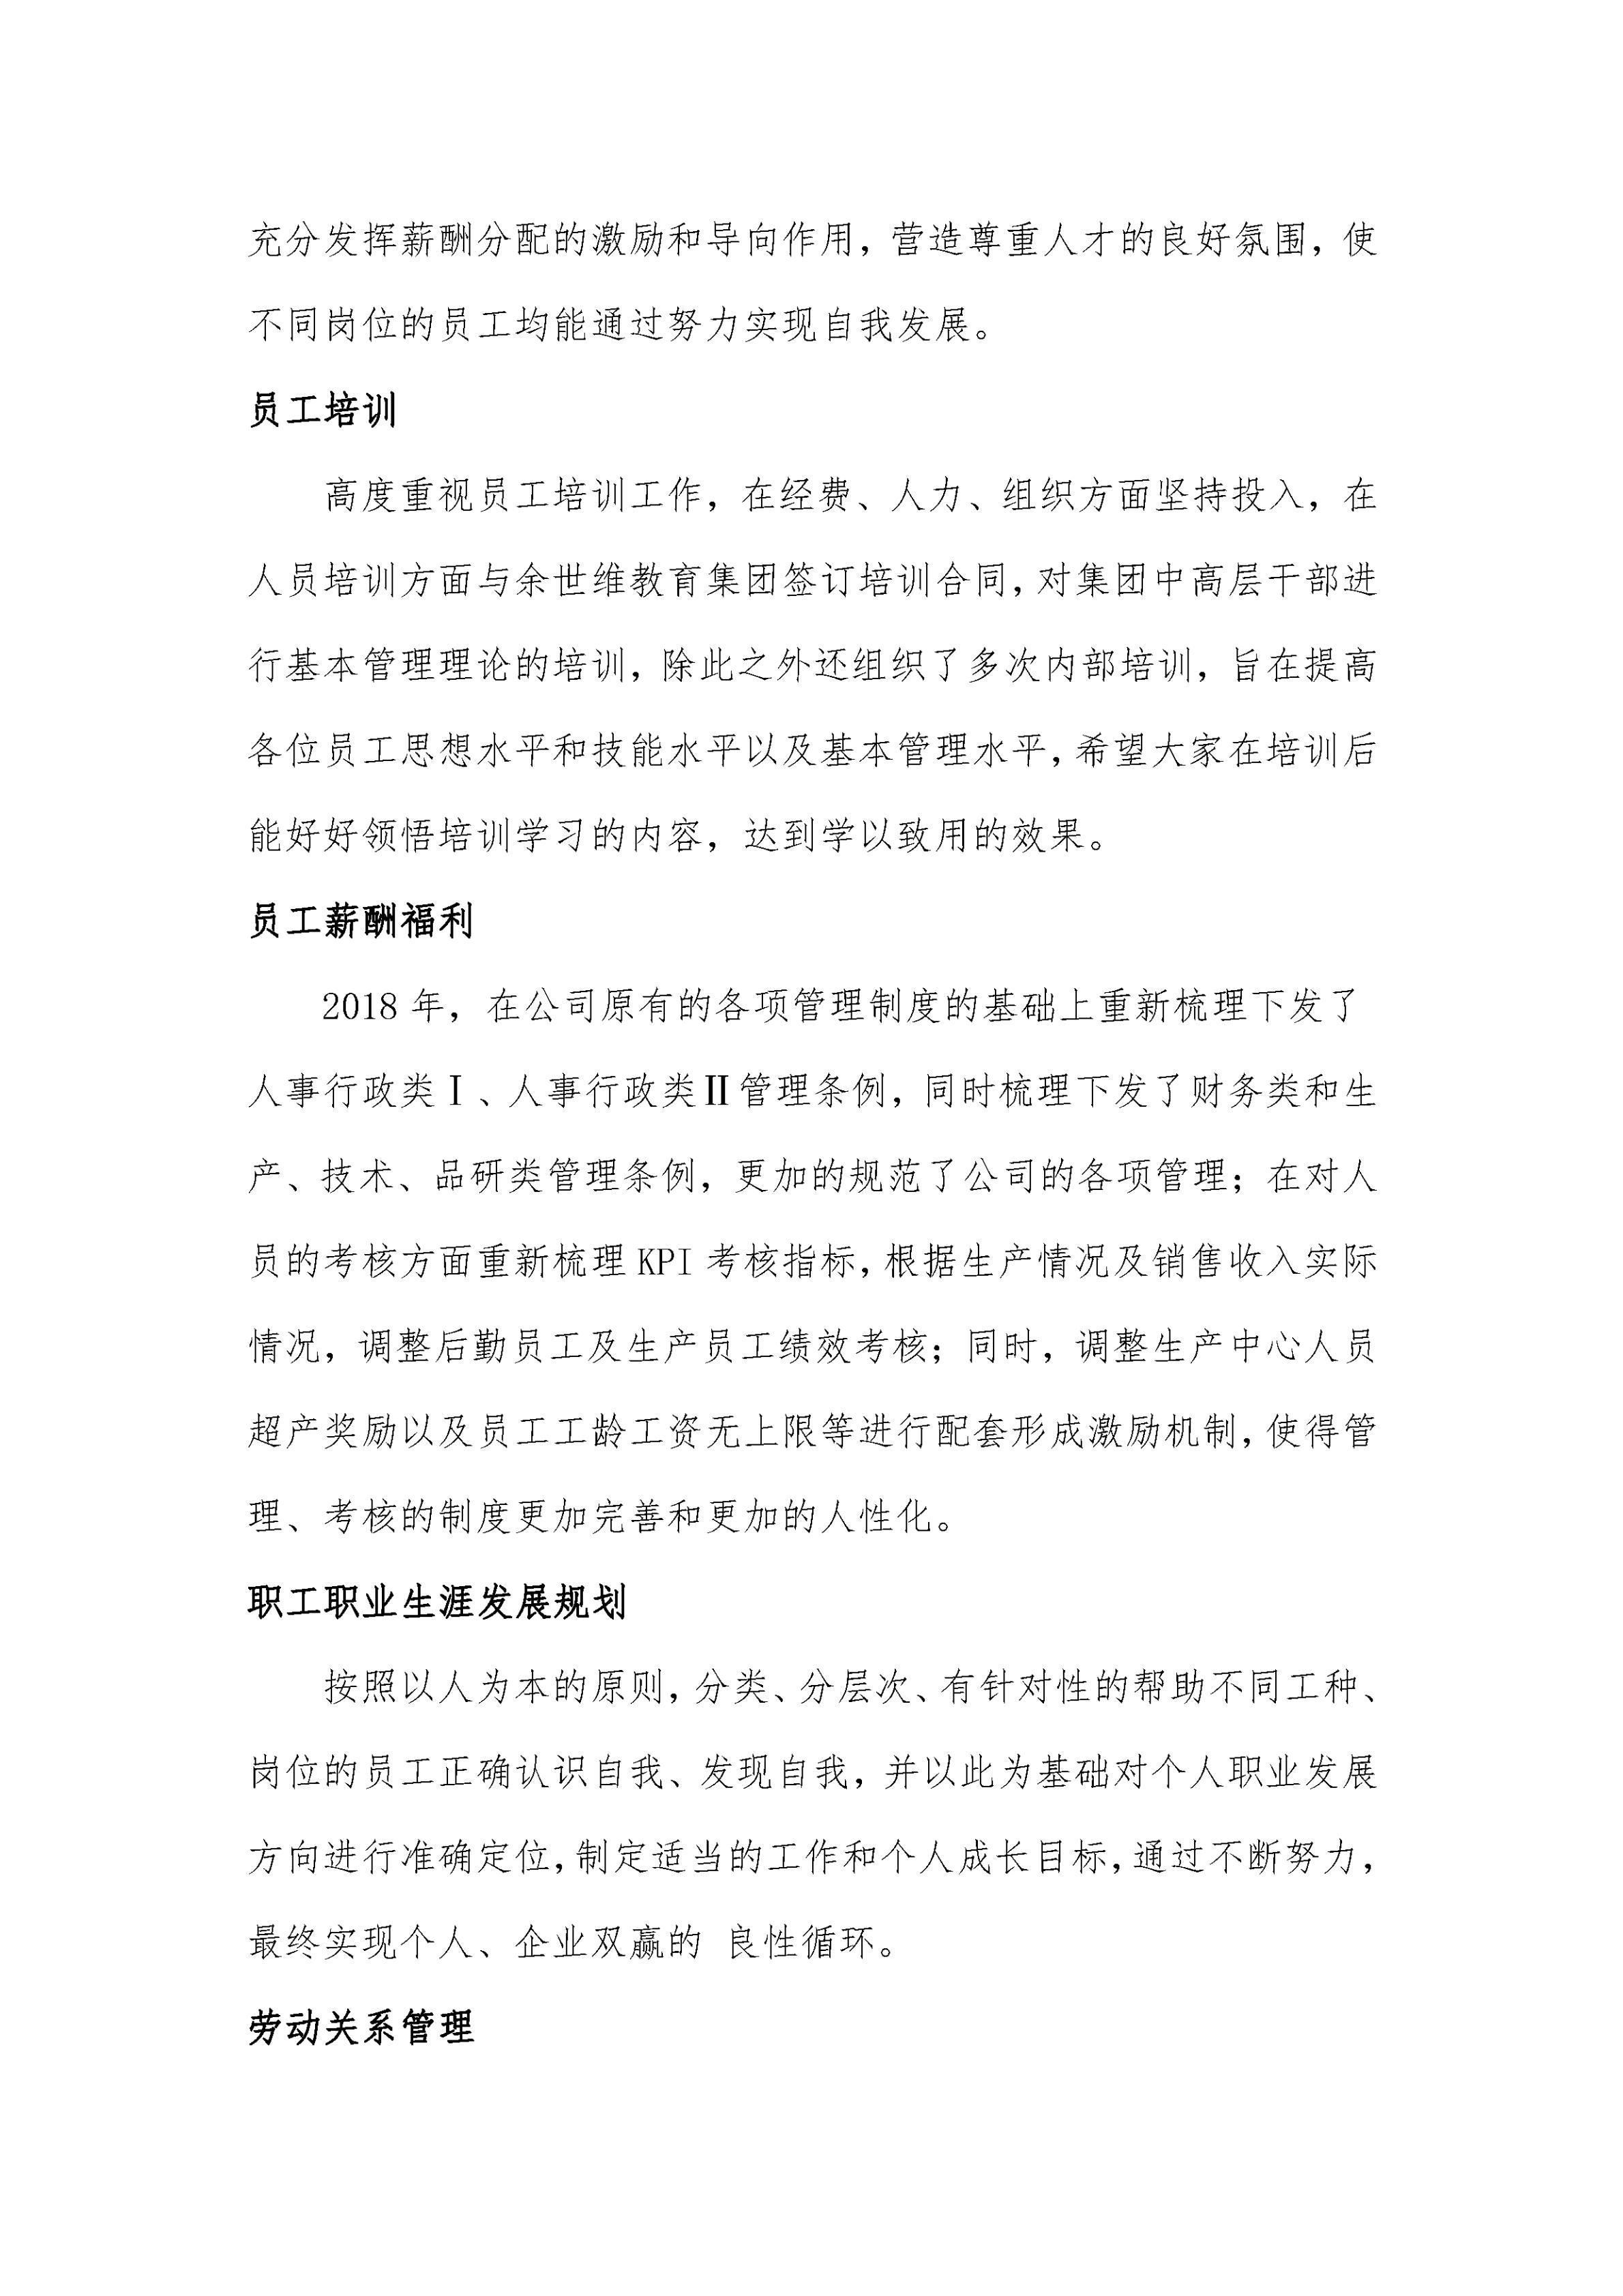 云南理世實業(集團)有限責任公司2018年社會責任報告.FR11_12.jpg